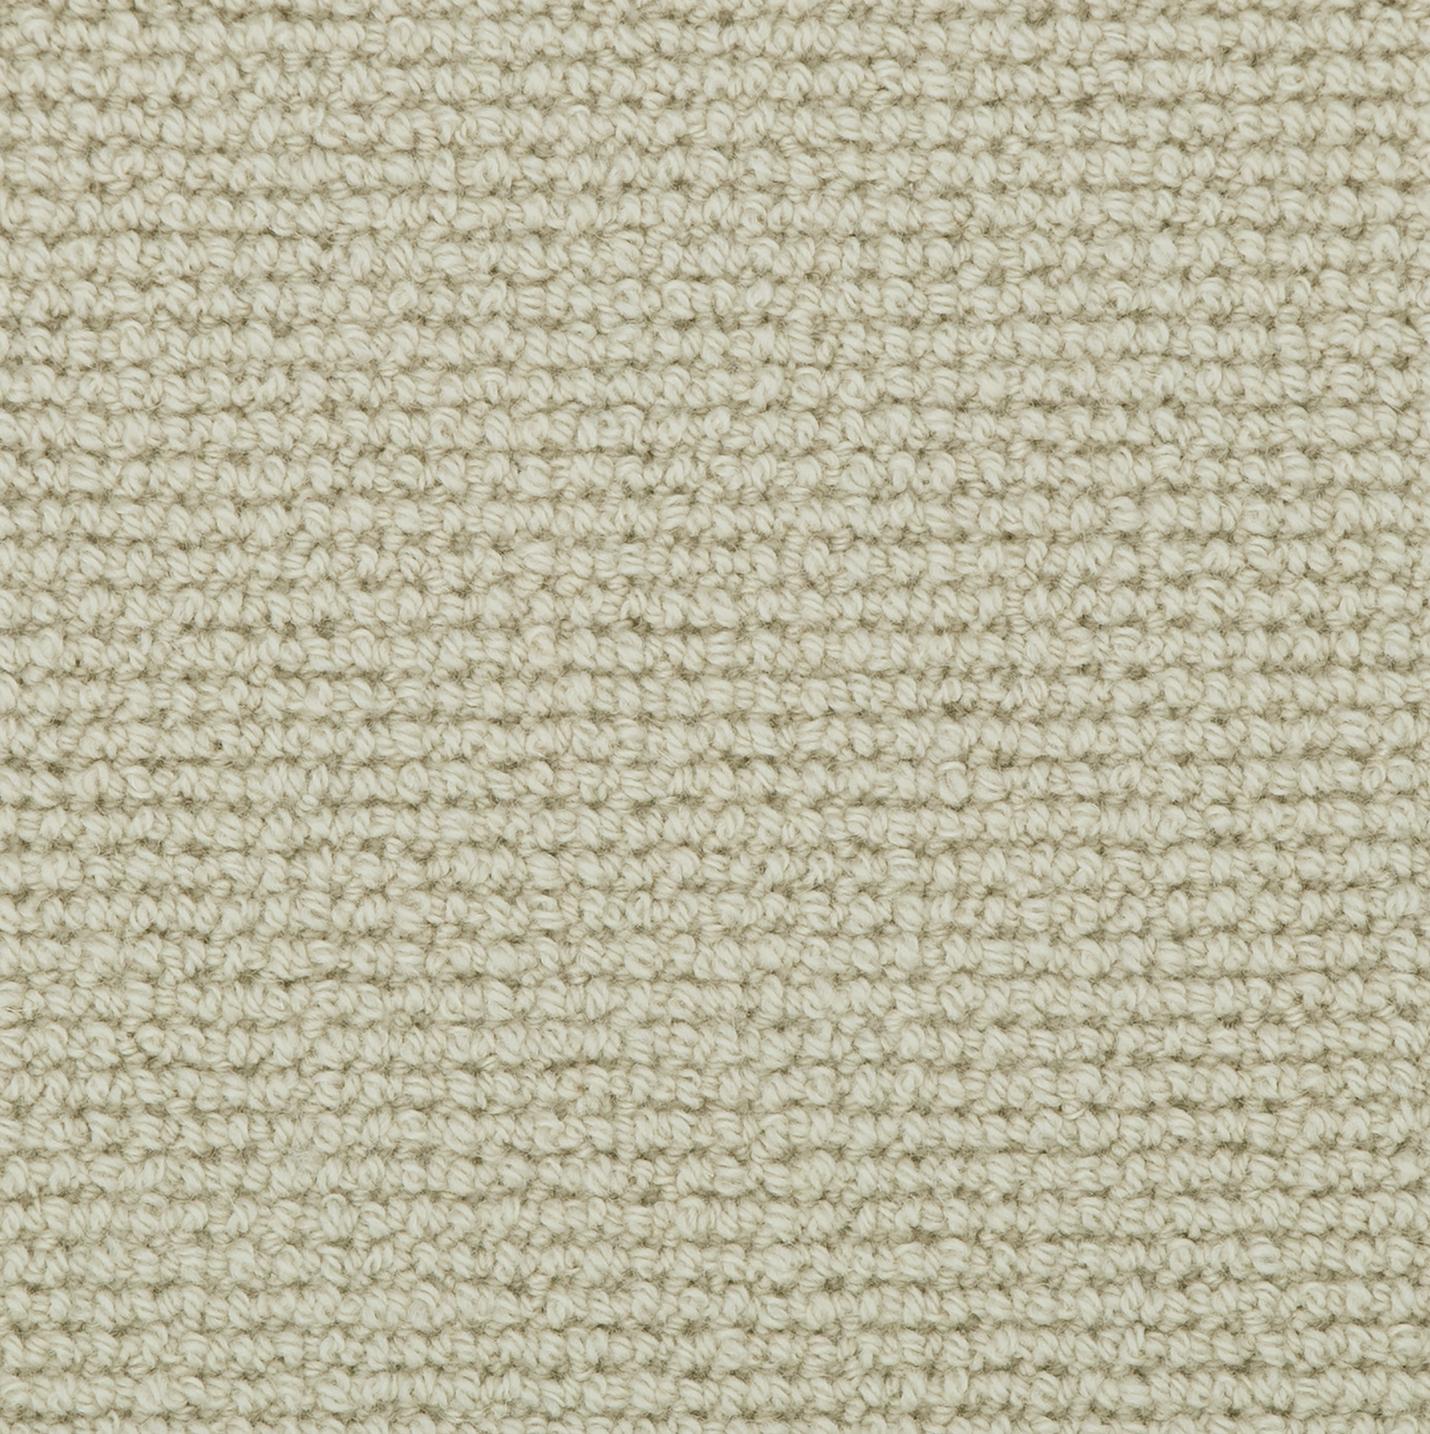 Brushed Cotton WA151